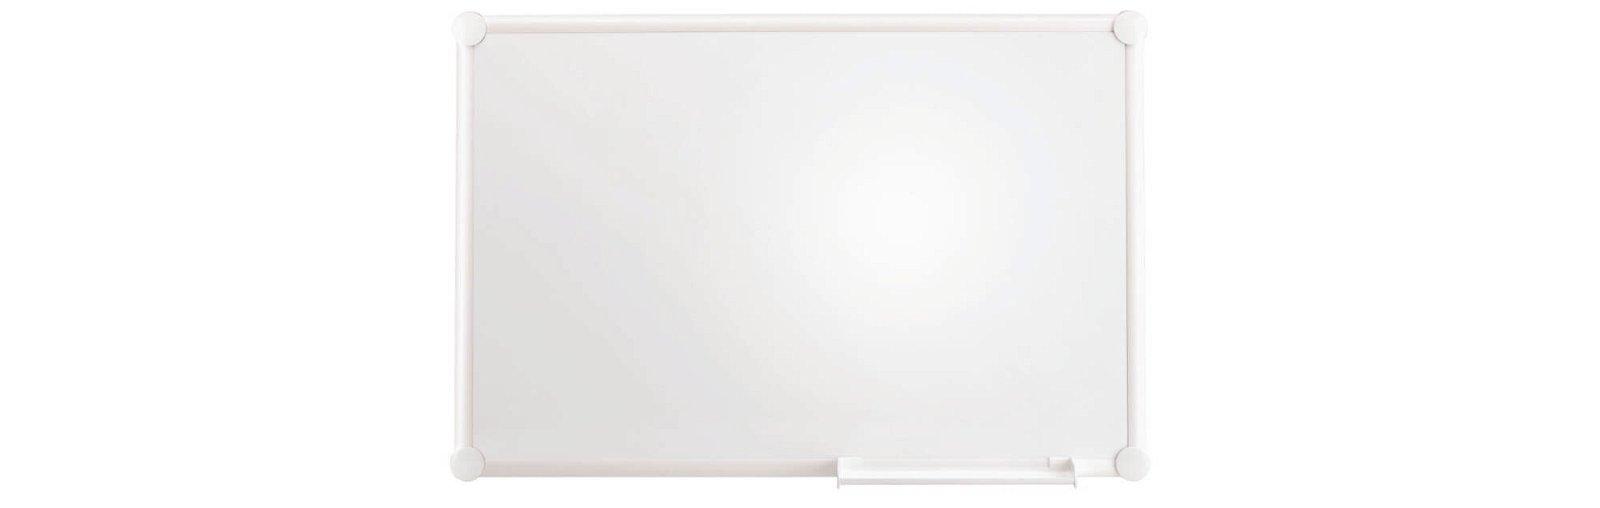 Whiteboard 2000 MAULpro, -white-, 60x90 cm, weiß